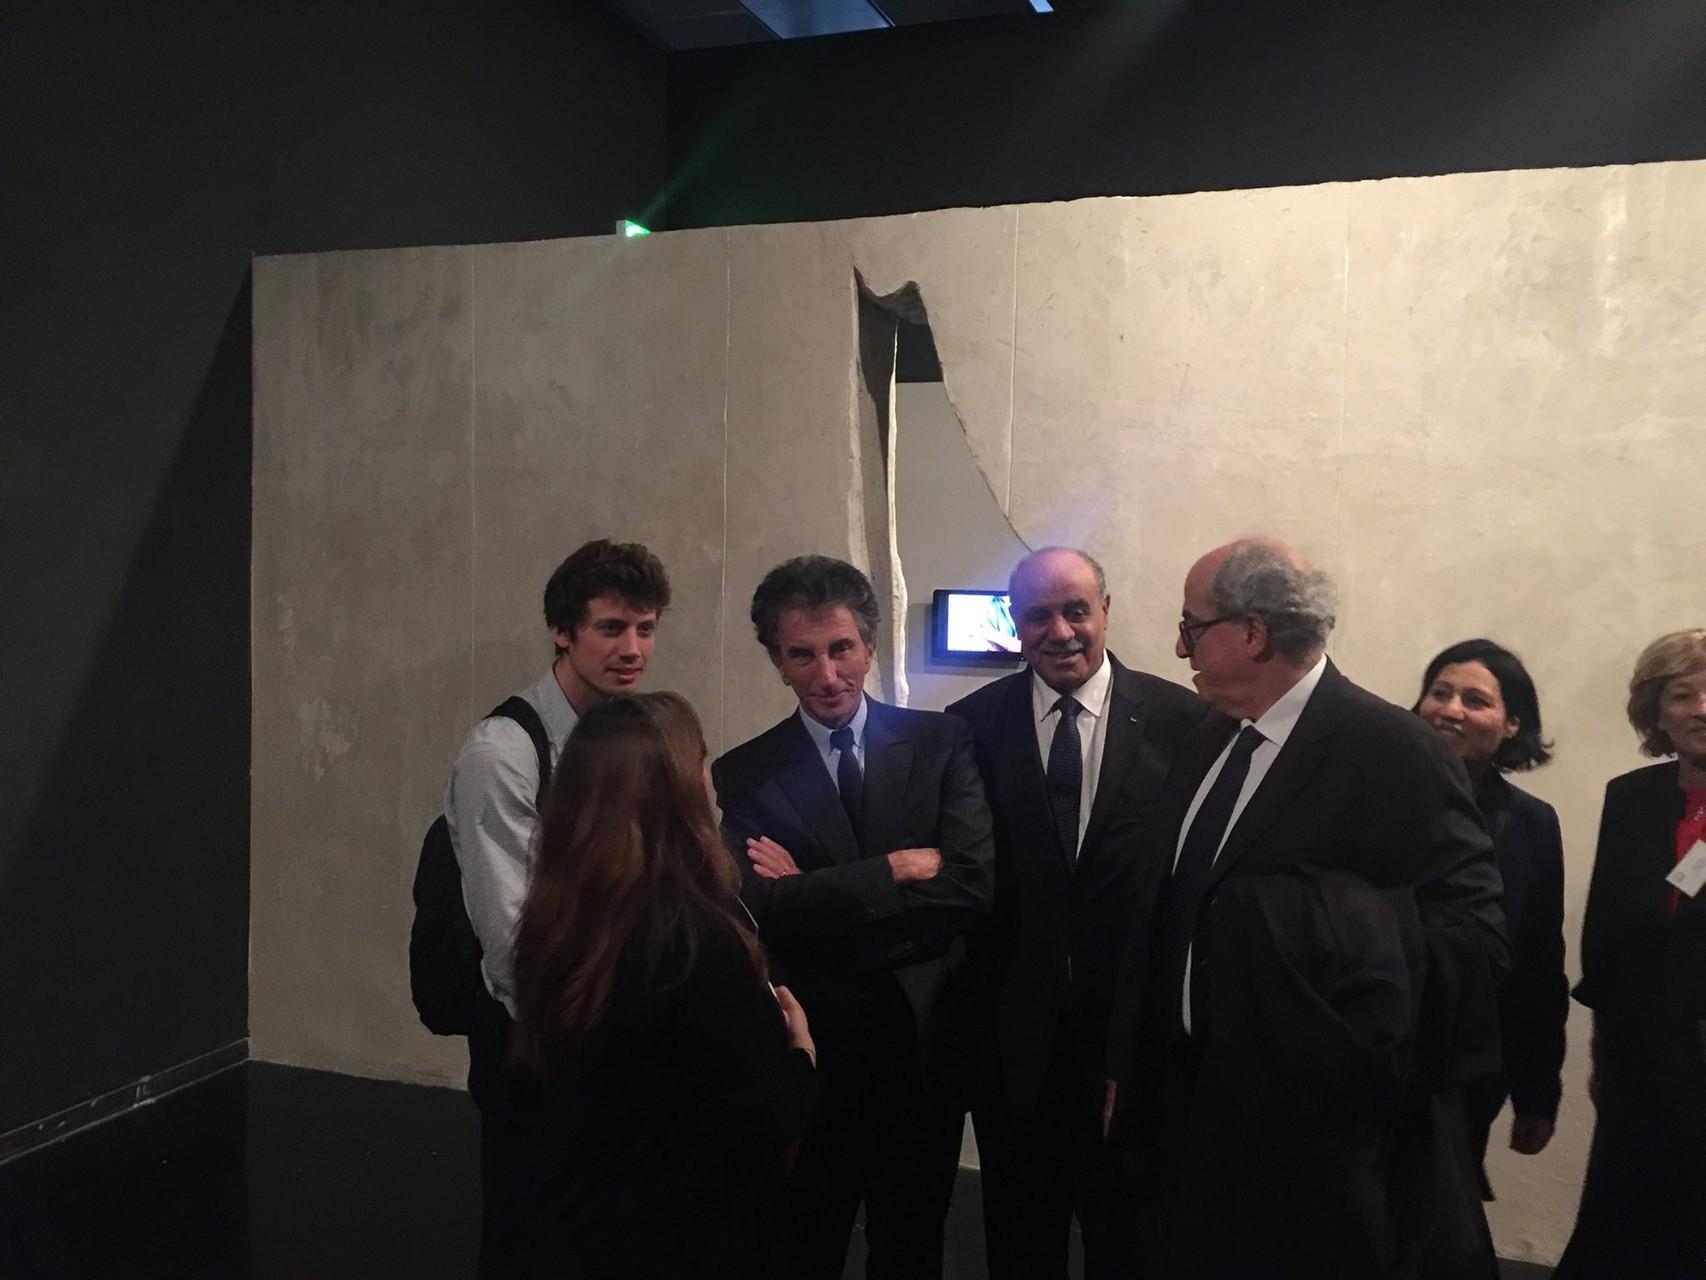 Vernissage -  Monsieur l'Ambassadeur Salman El Herfi, Jack Lang Président de l'IMA et Monsieur Elias Sanbar, ambassadeur de la Palestine à l'UNESCO